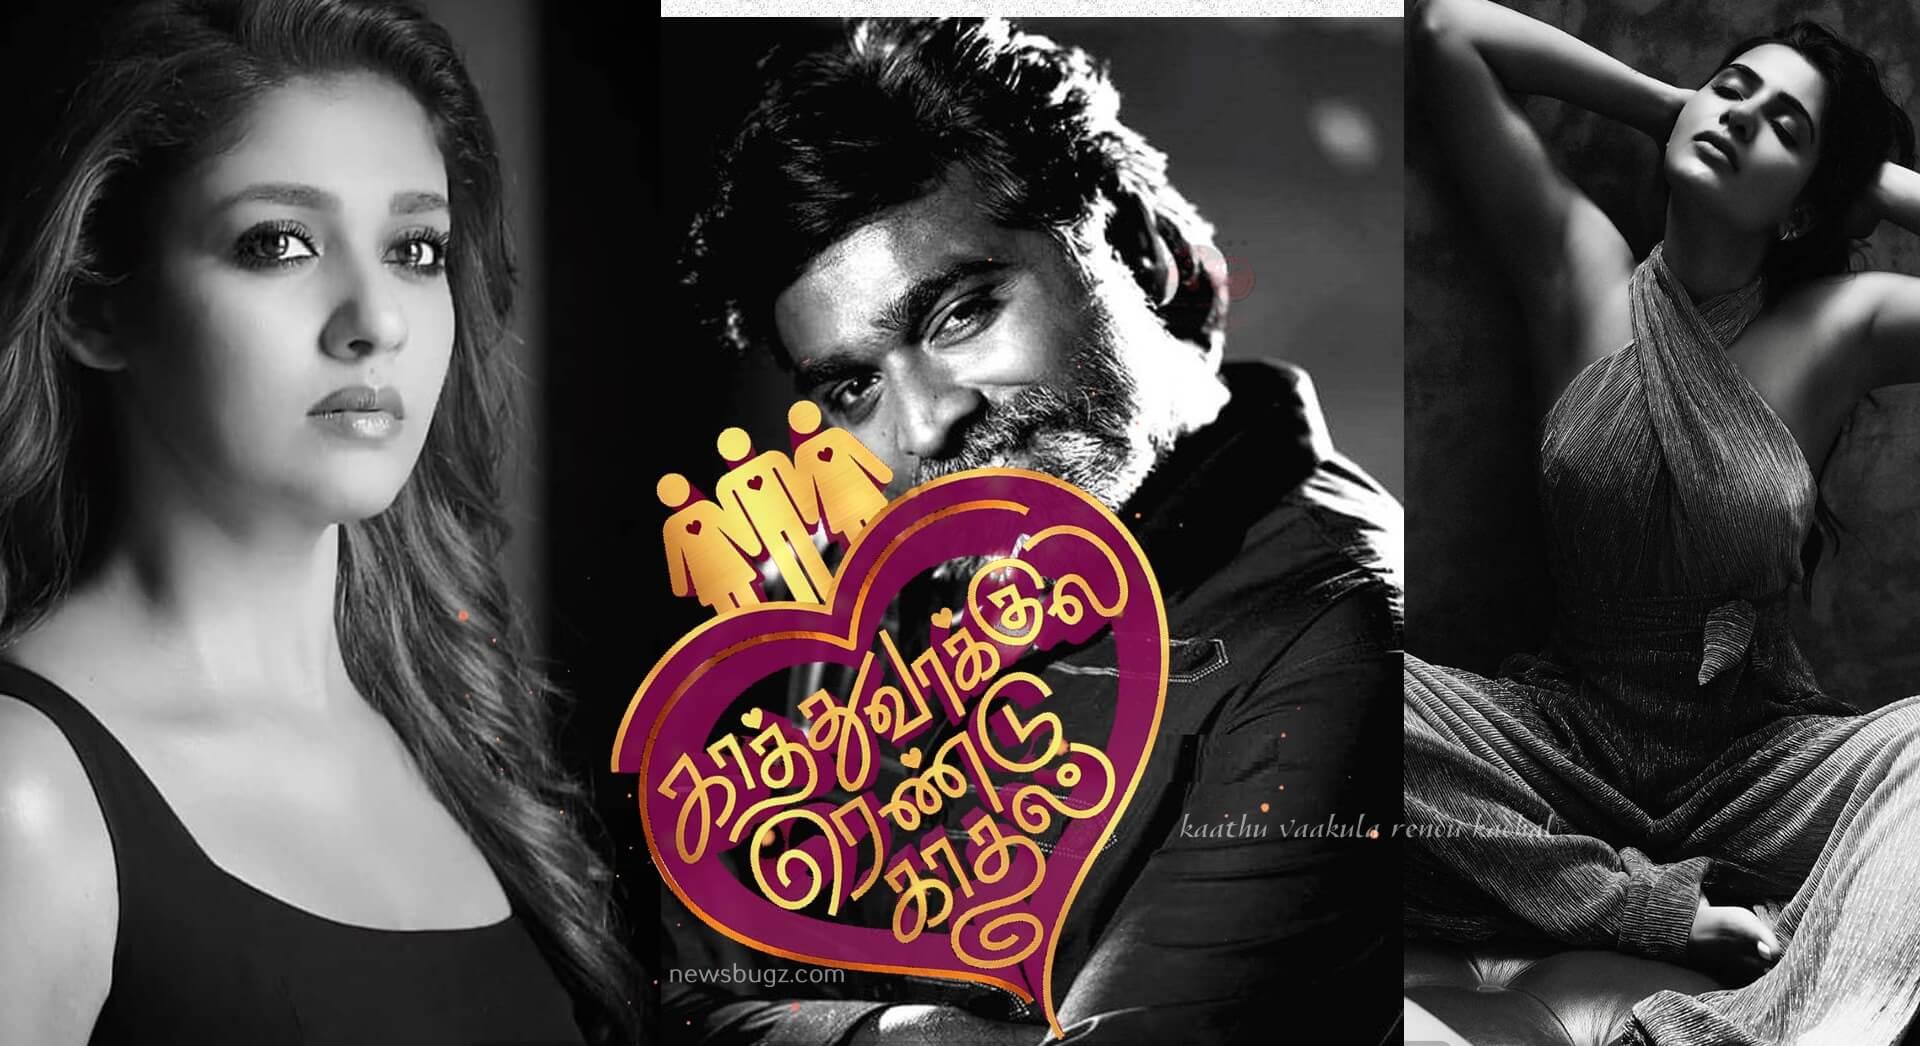 Kaathuvaakula Rendu Kaadhal movie